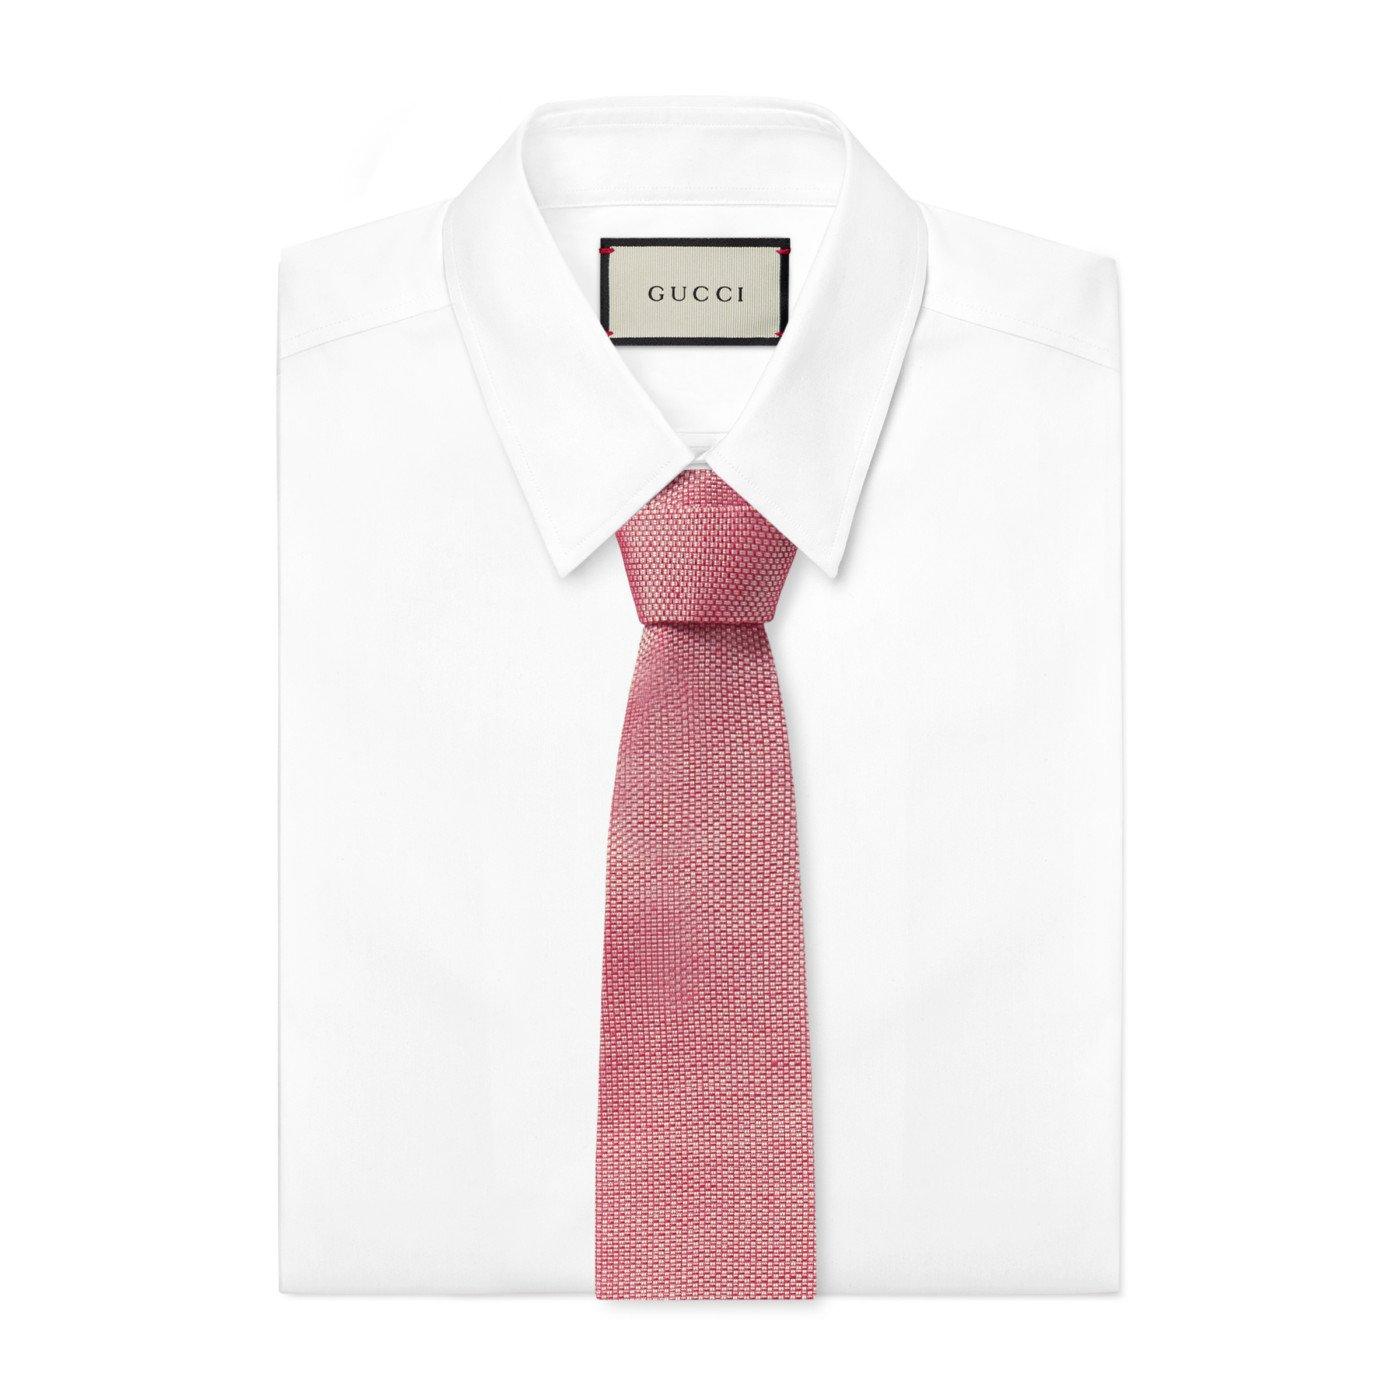 Gucci - Corbata de punto cuadrada de seda de lino rojo para hombre ...